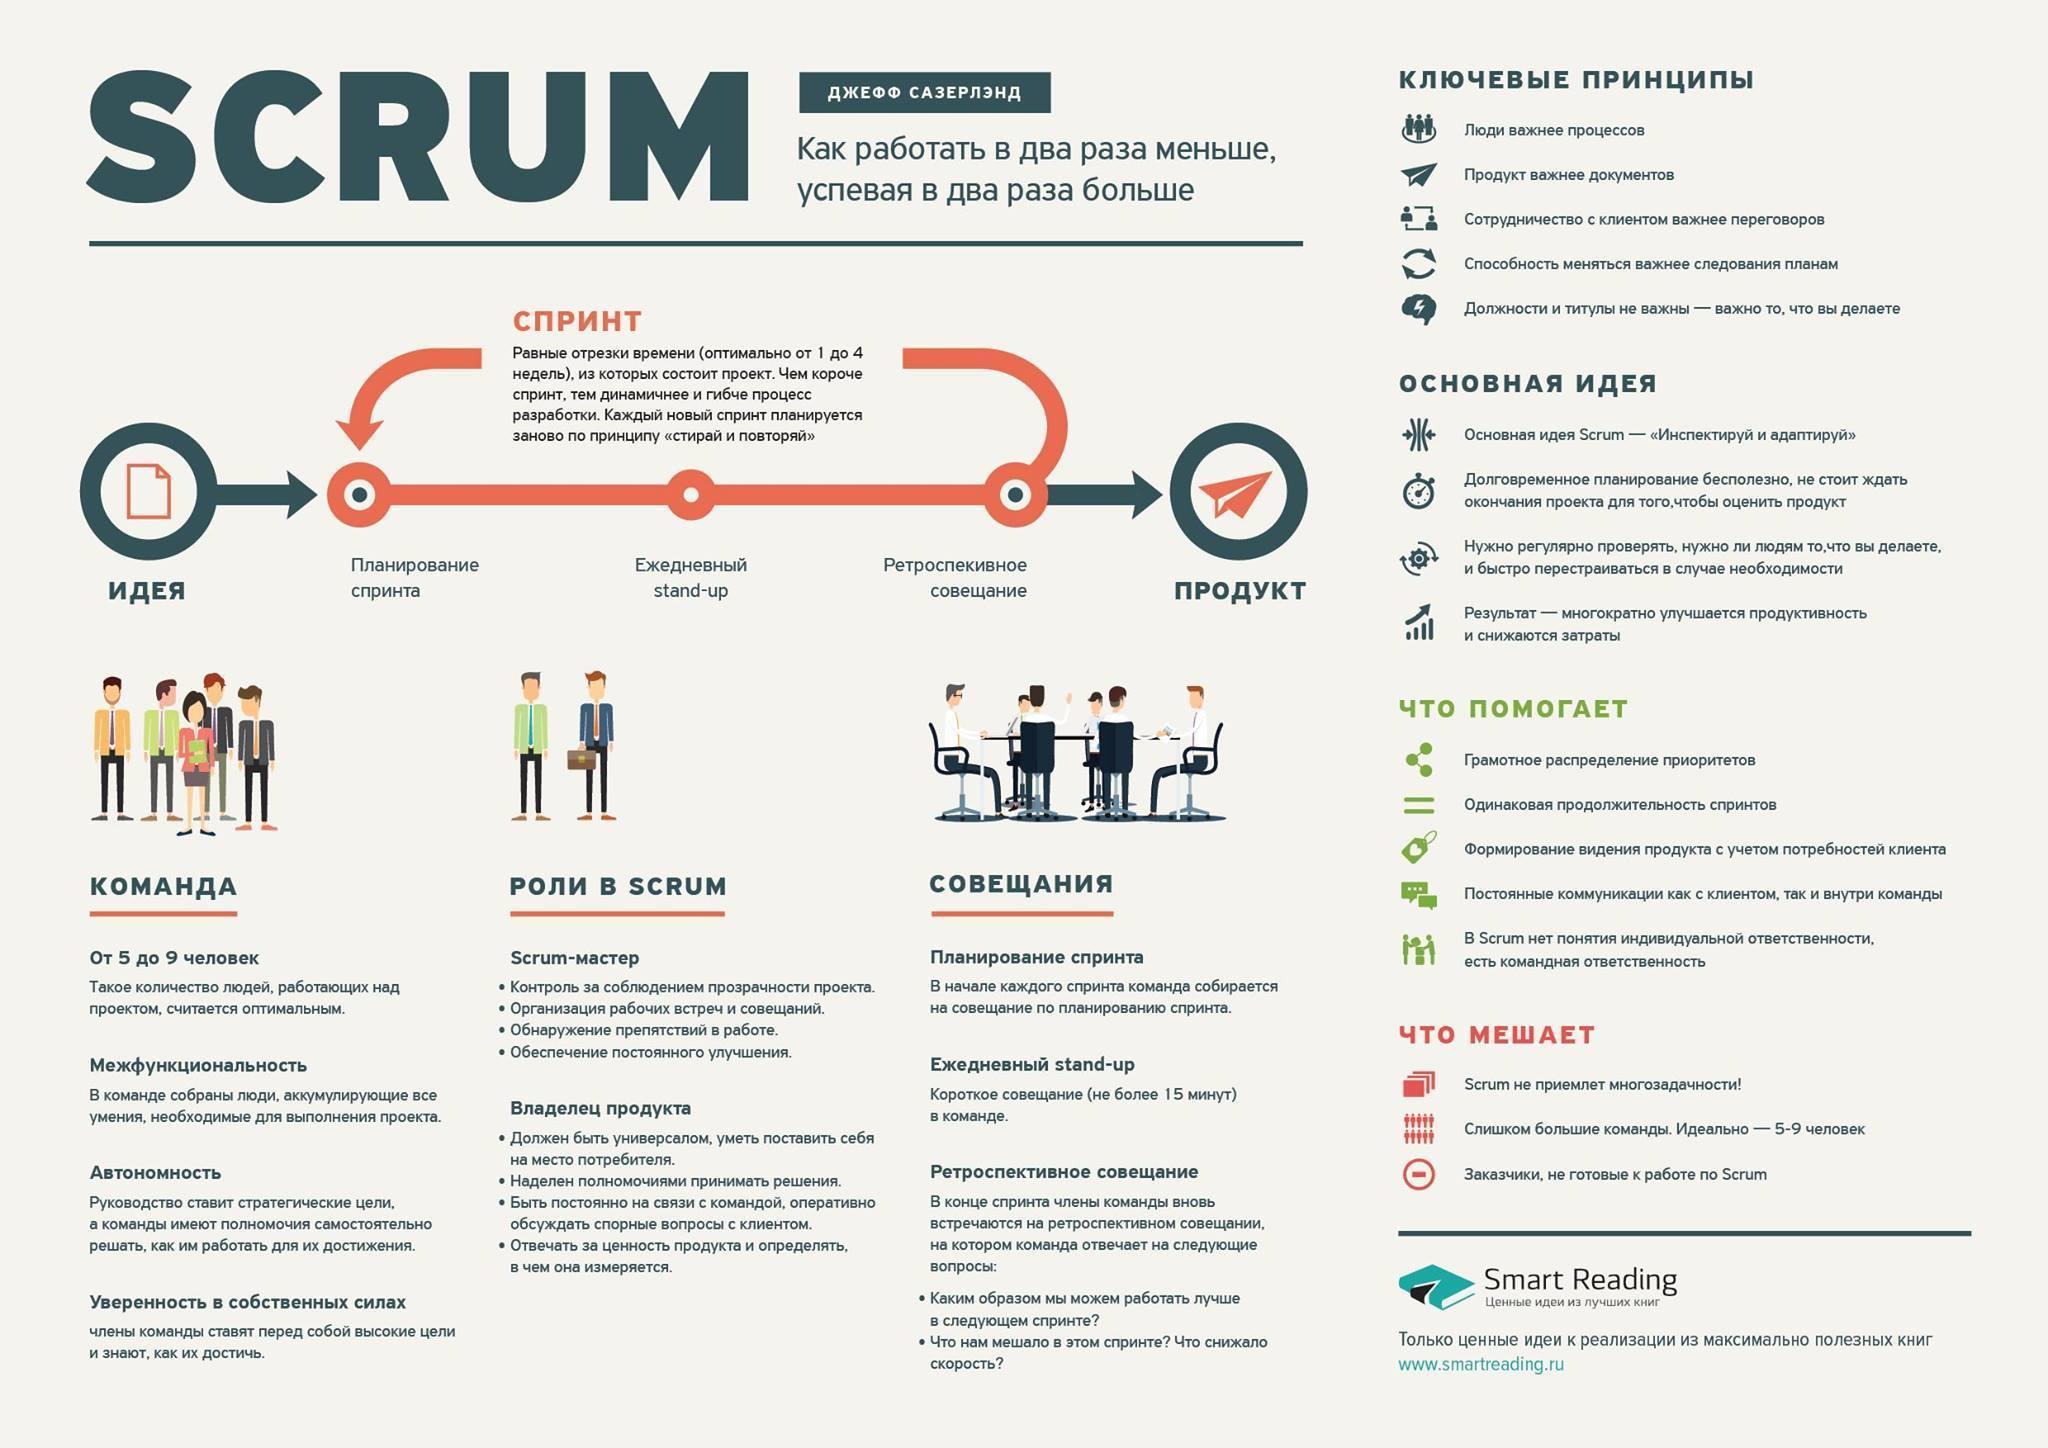 Основные положения scrum